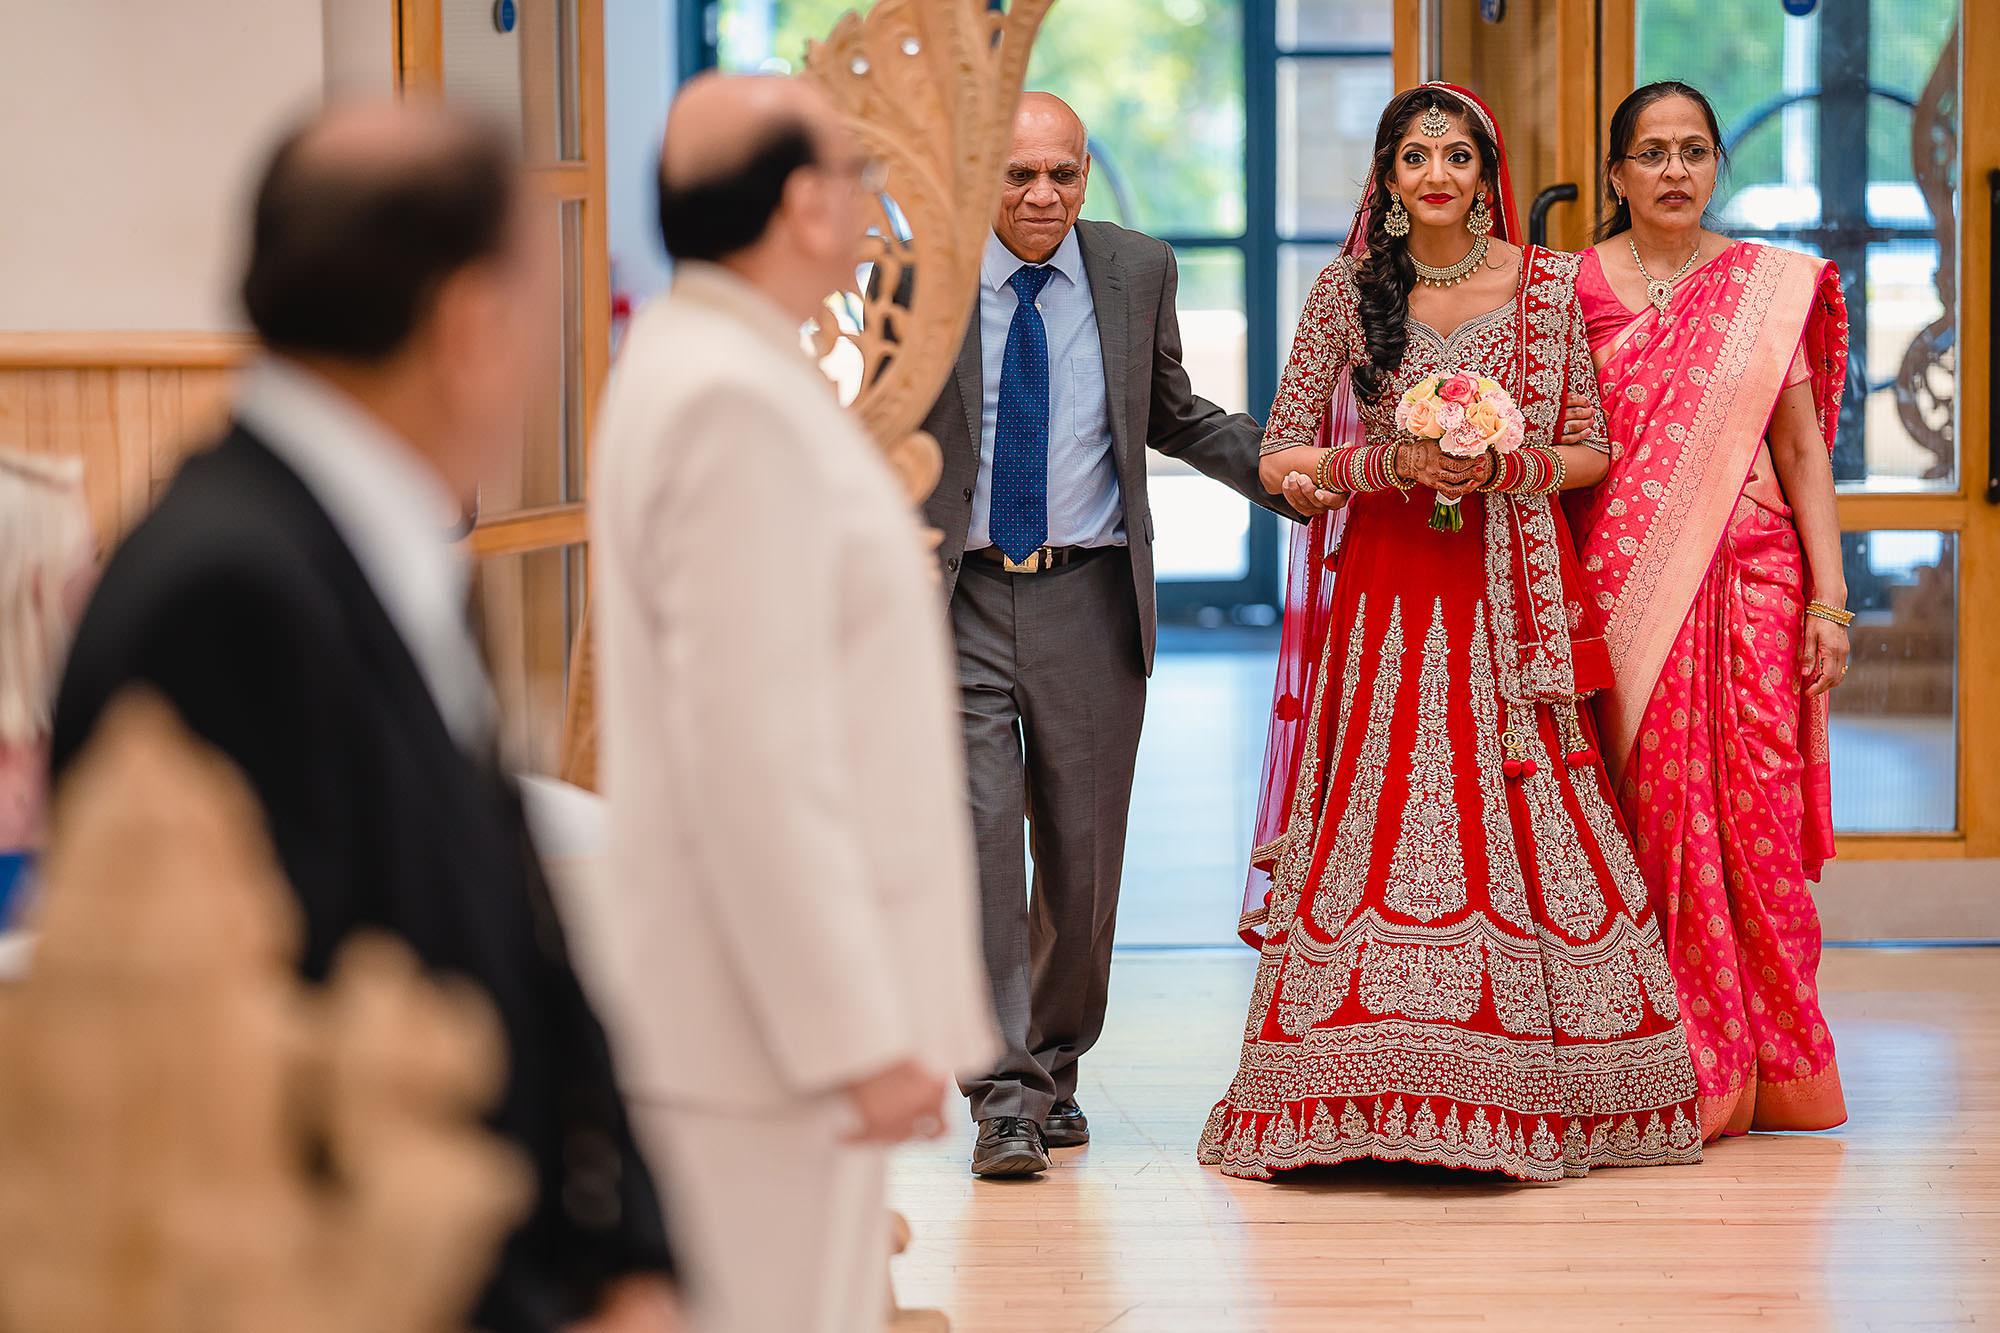 bridal entrance for hindu wedding